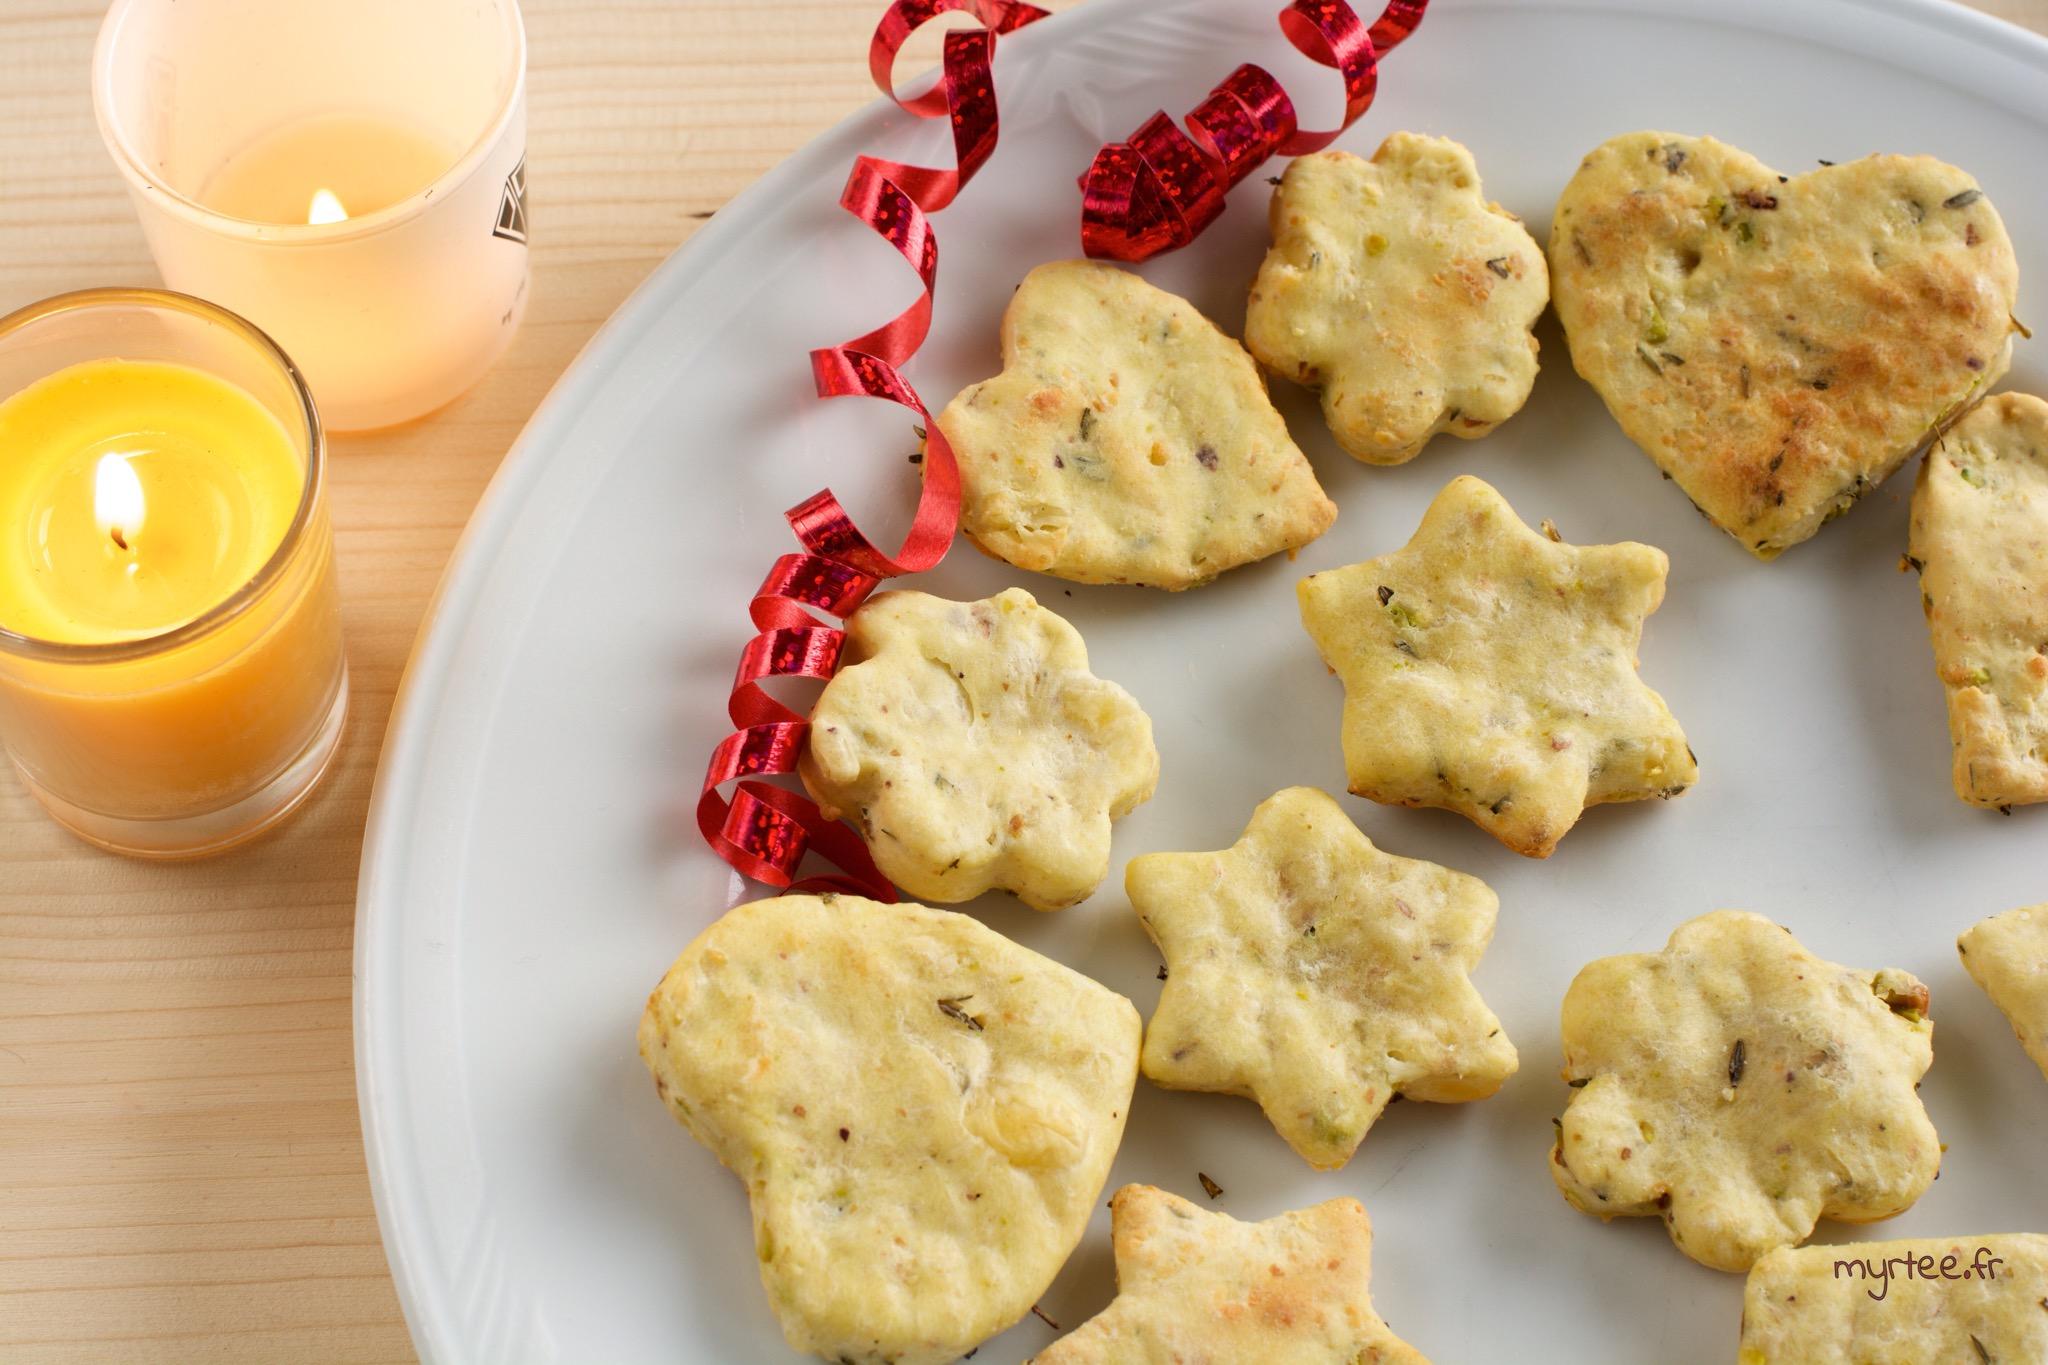 Des biscuits apéritifs à l'emmental